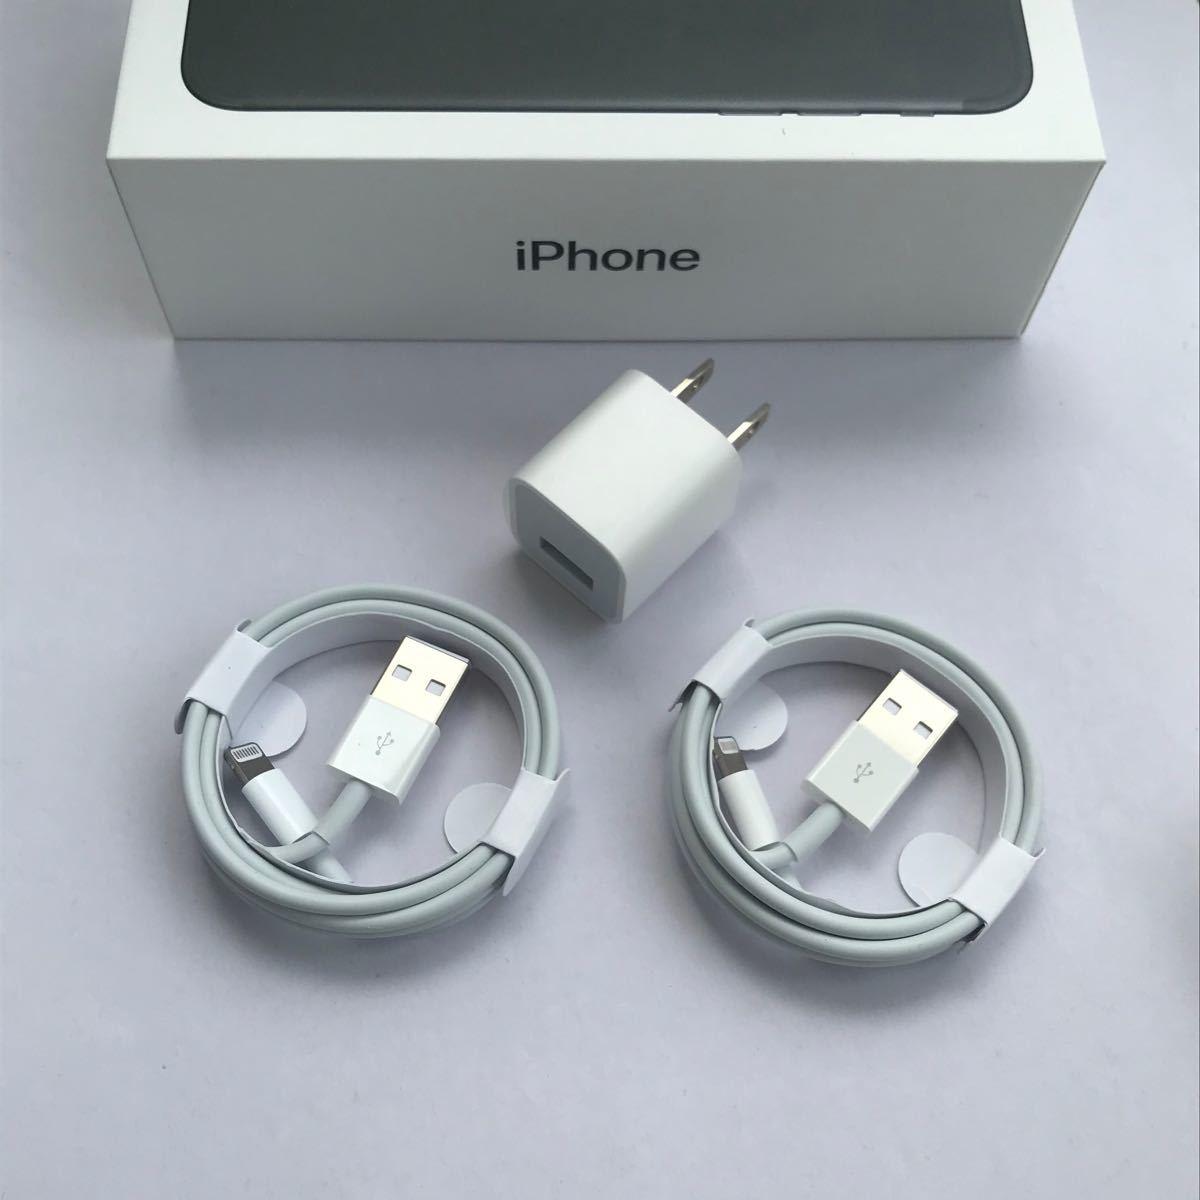 iPhone 充電器 充電ケーブル コード lightning cable 3点セット ライトニングケーブル アダプタ電源 スマホ